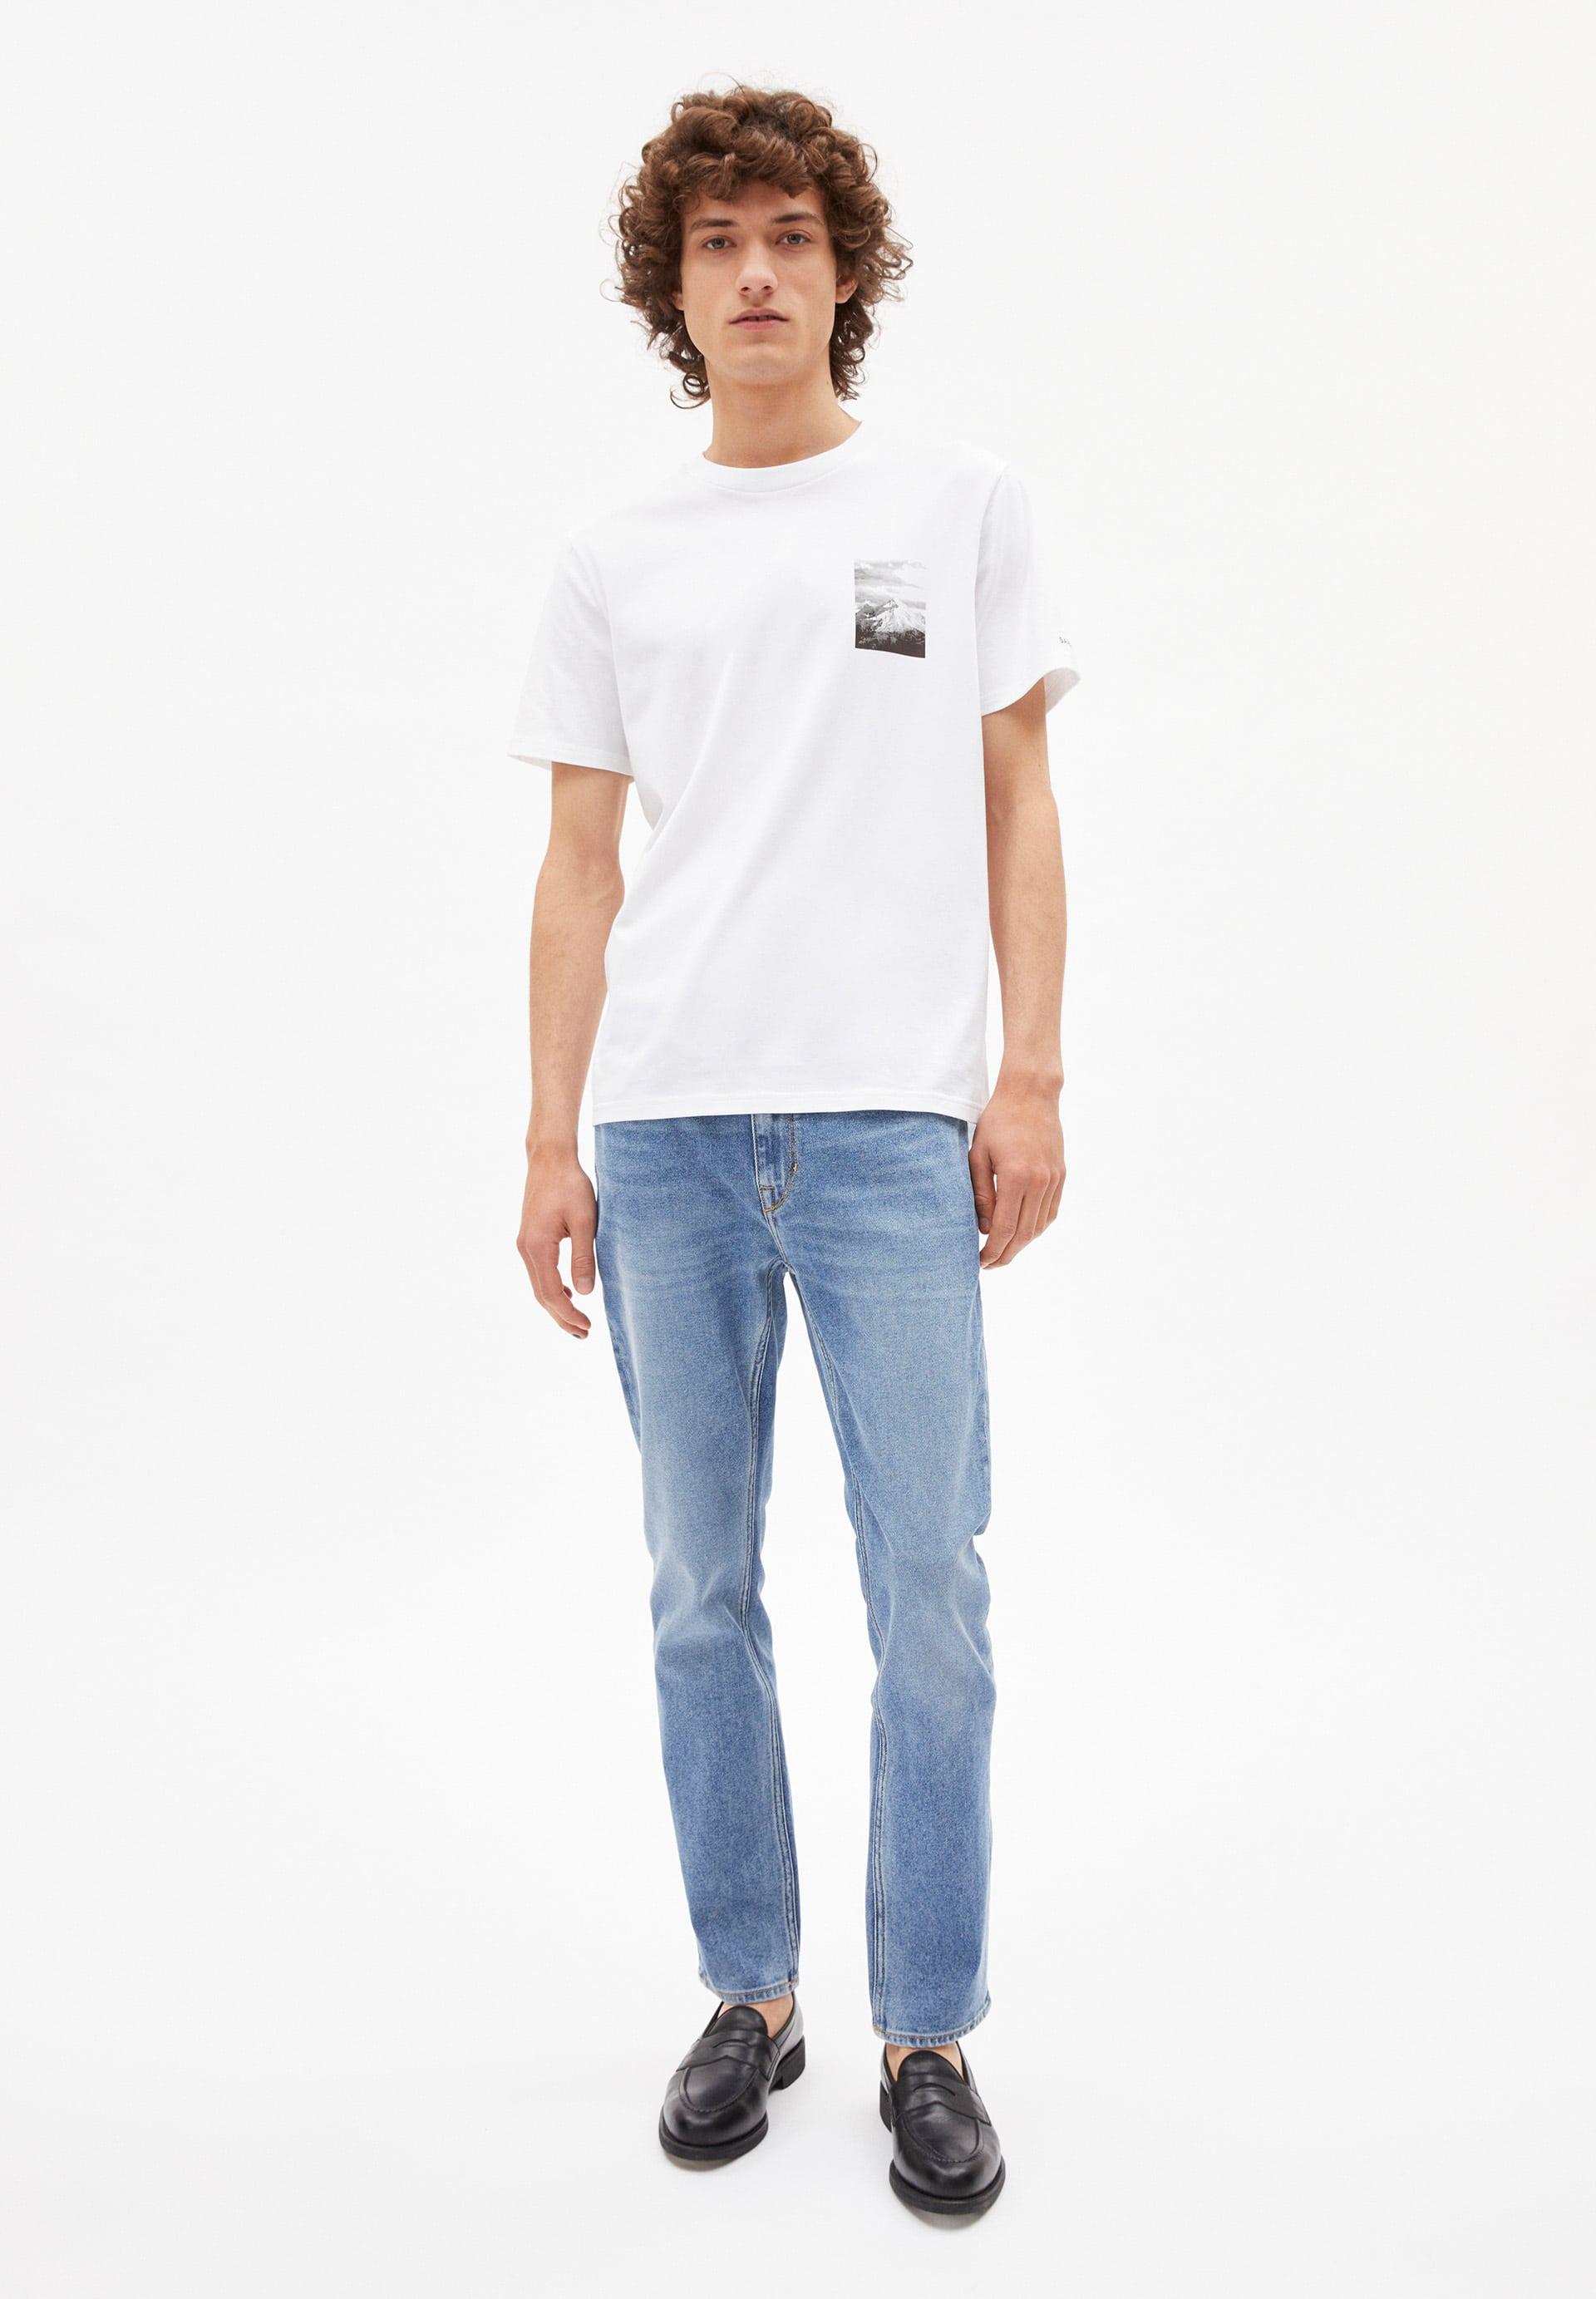 AADO PEAK T-shirt en coton biologique